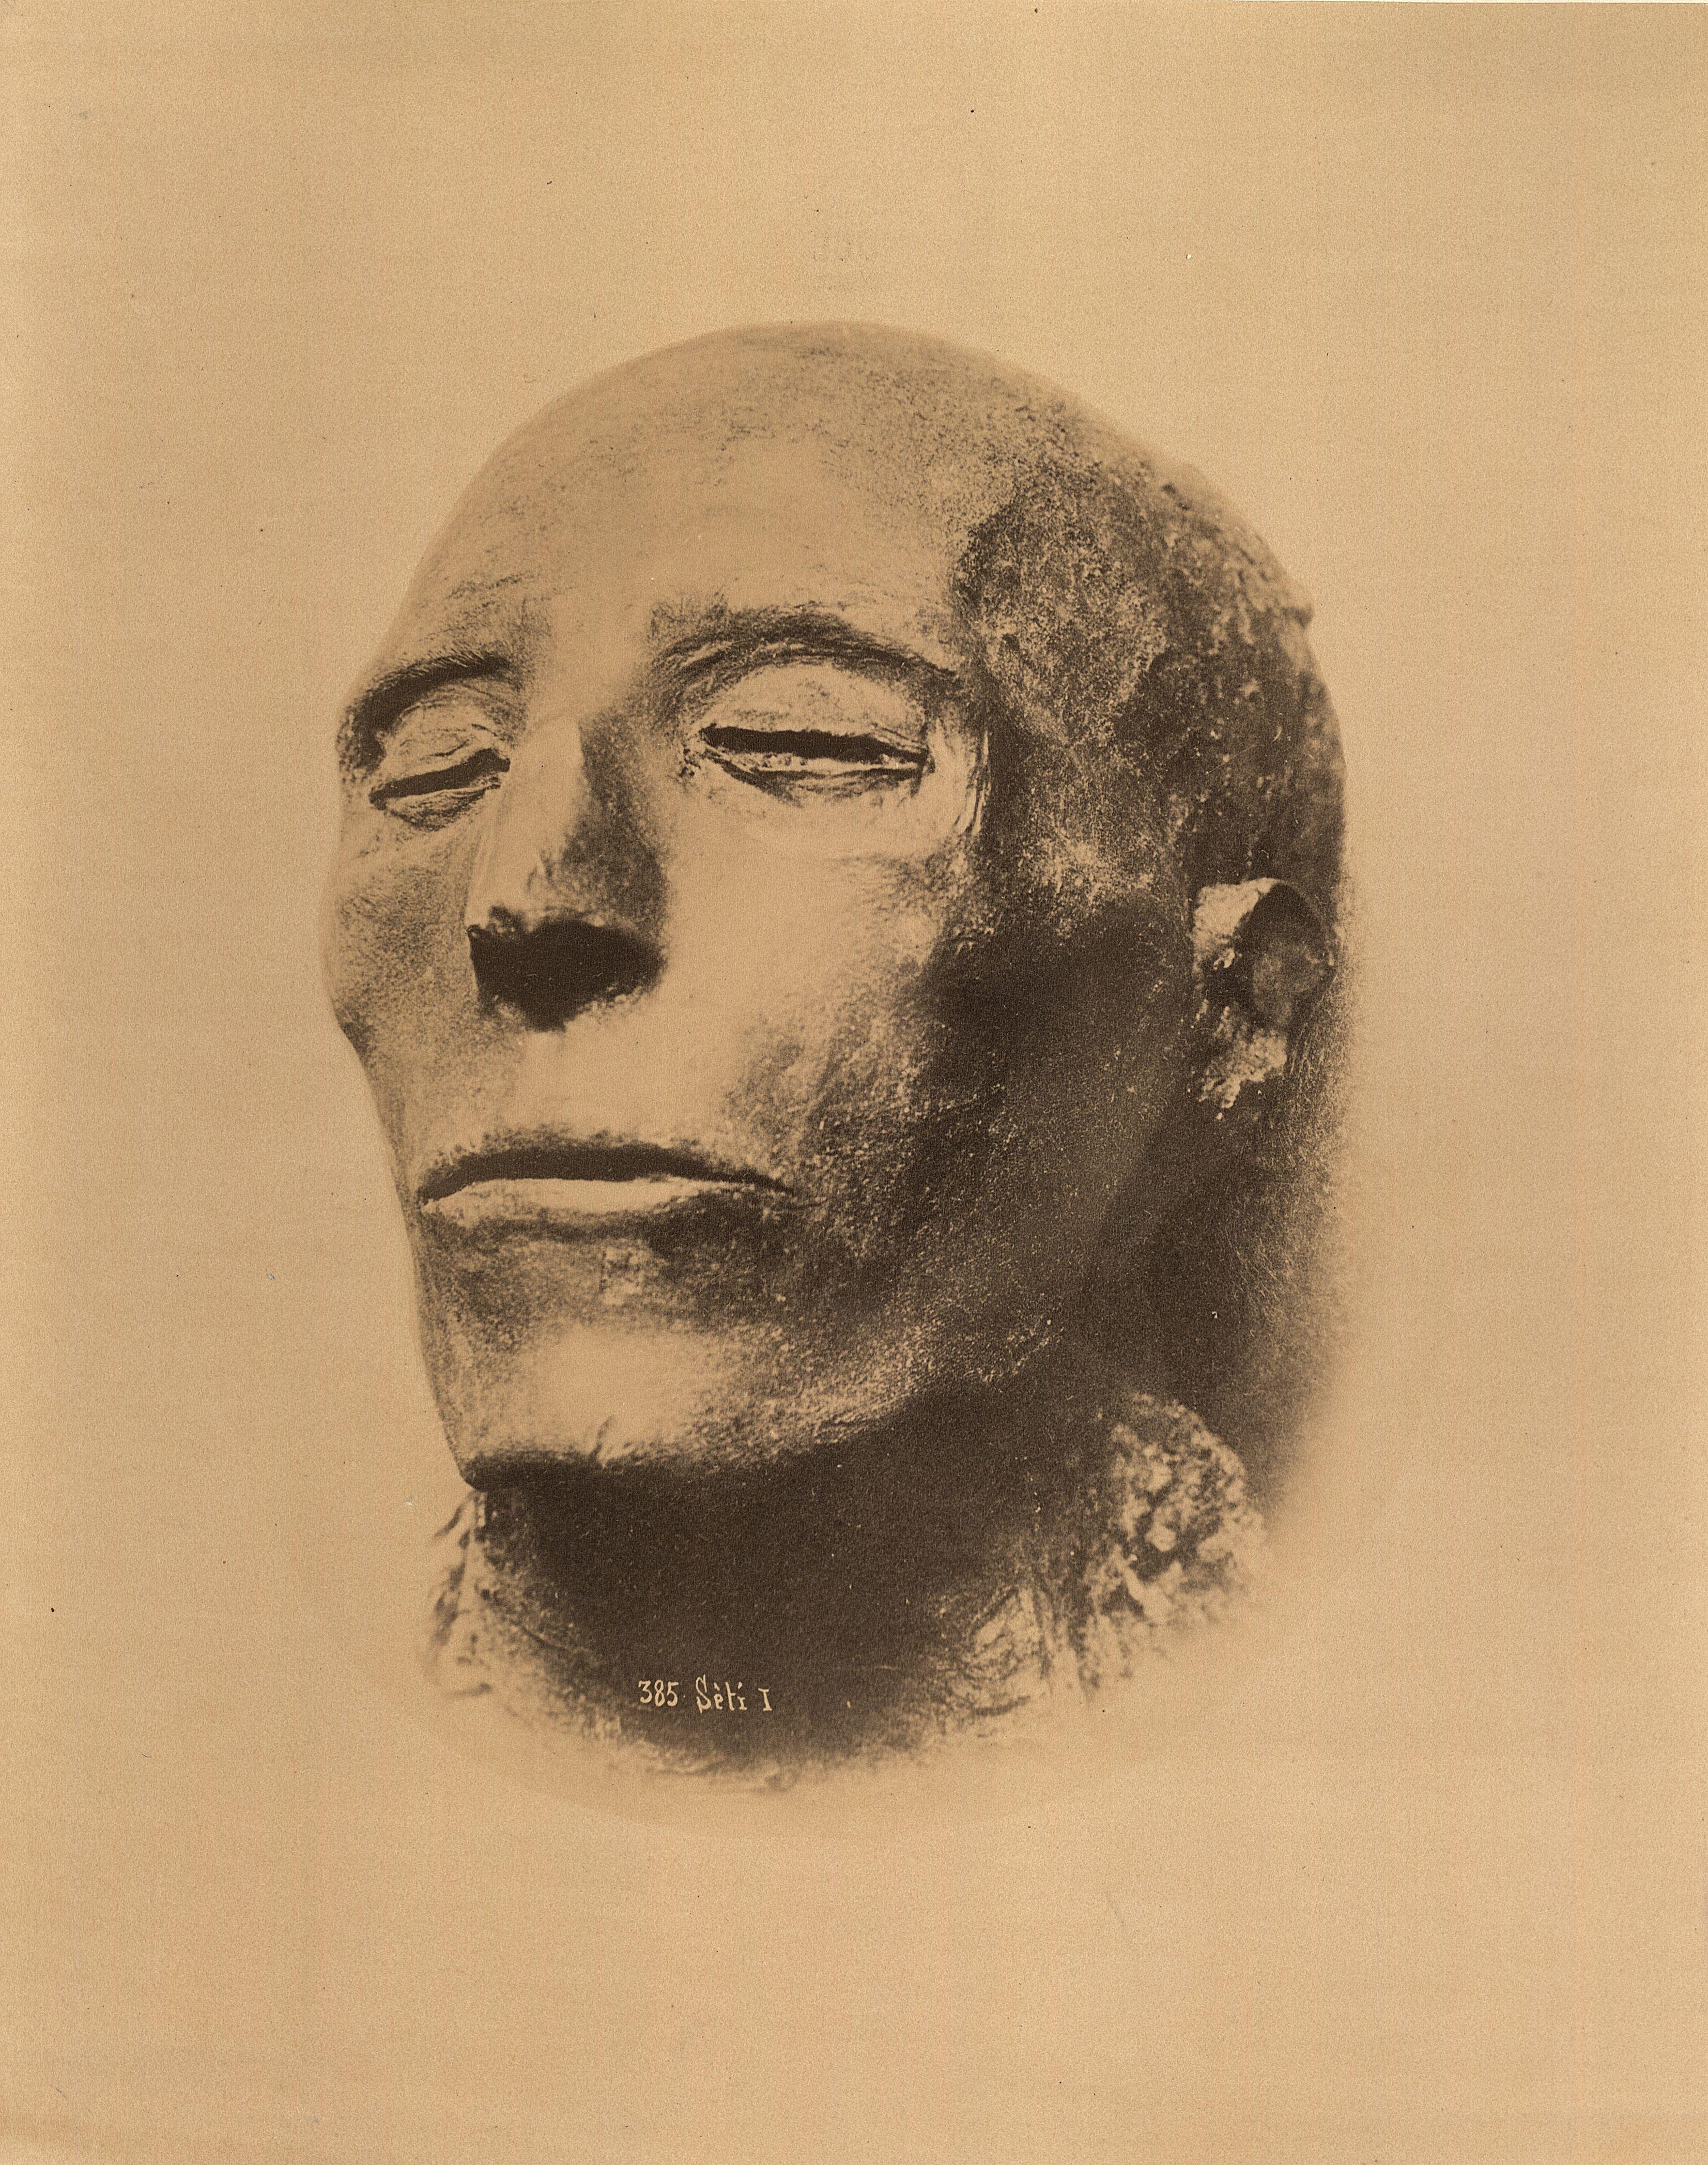 Каирский музей. Мумия фараона Сети I, отца Рамсеса II